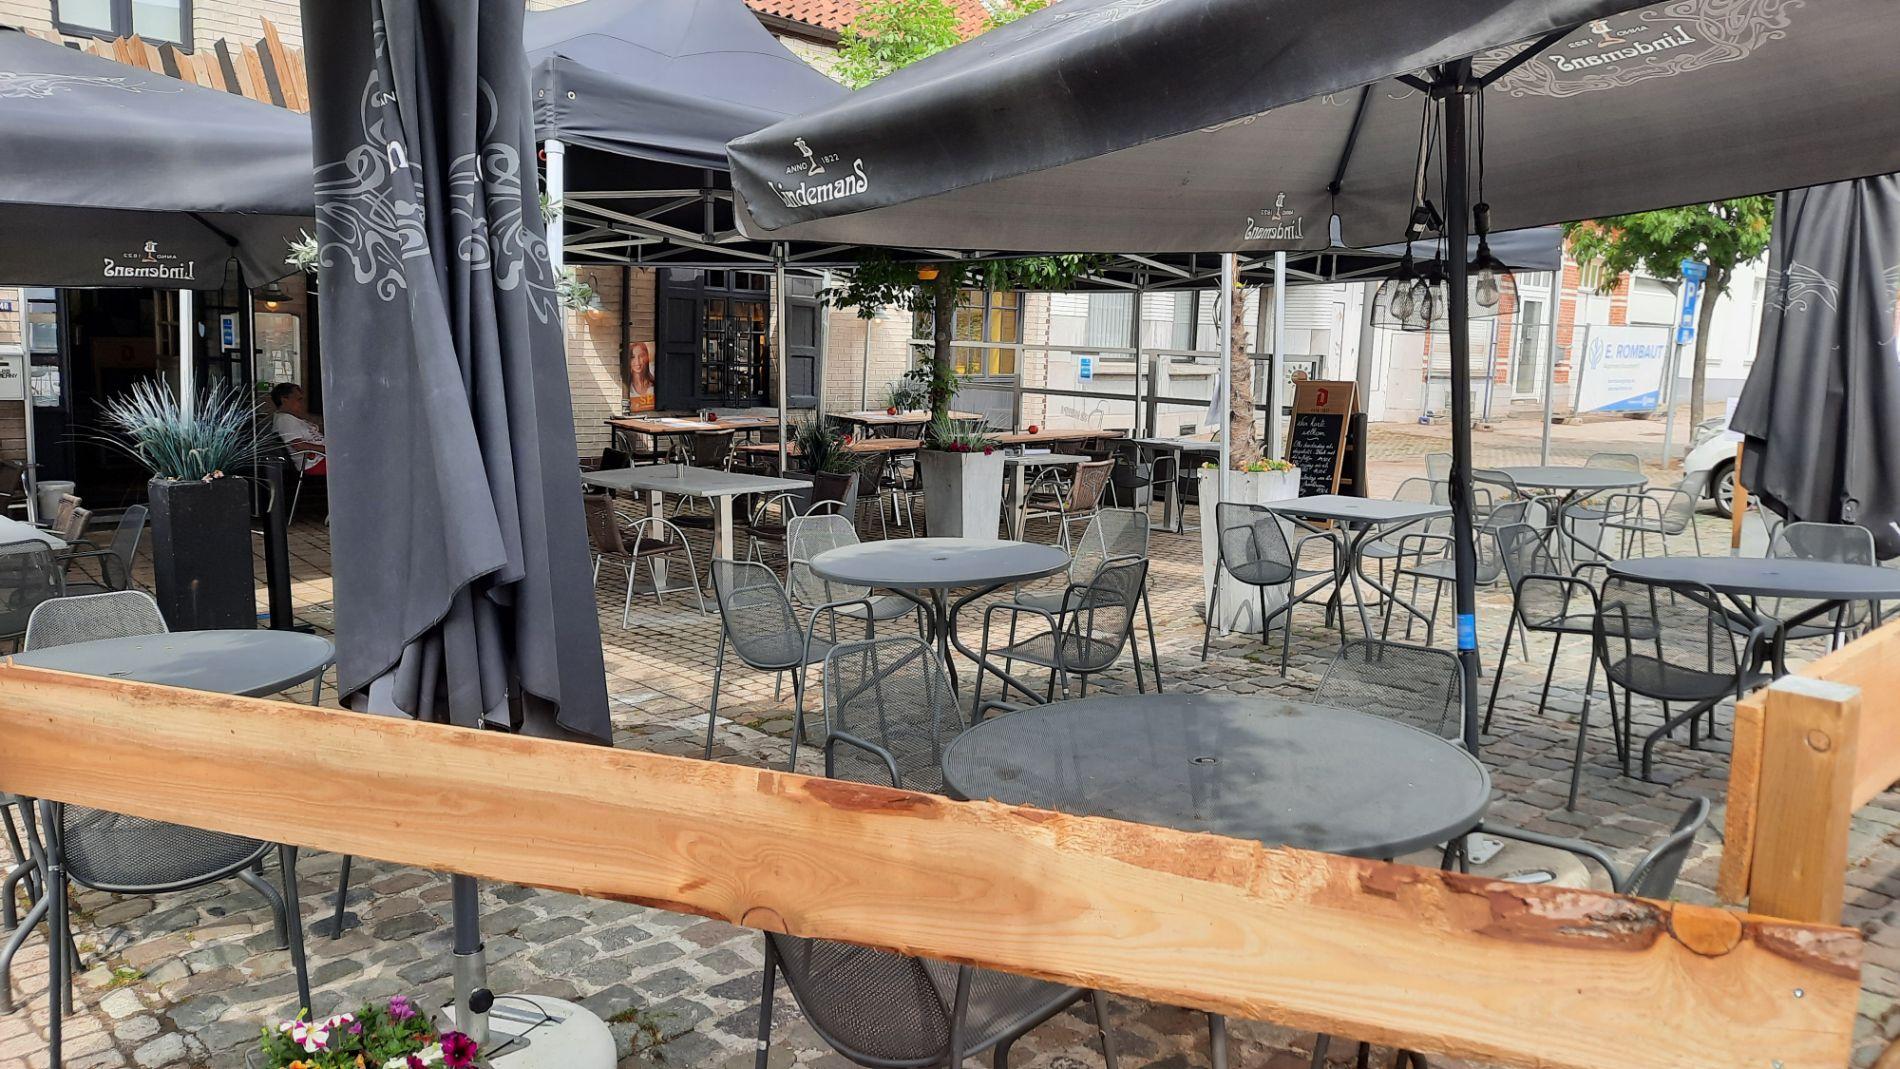 Restaurant Den Beiaard Terras